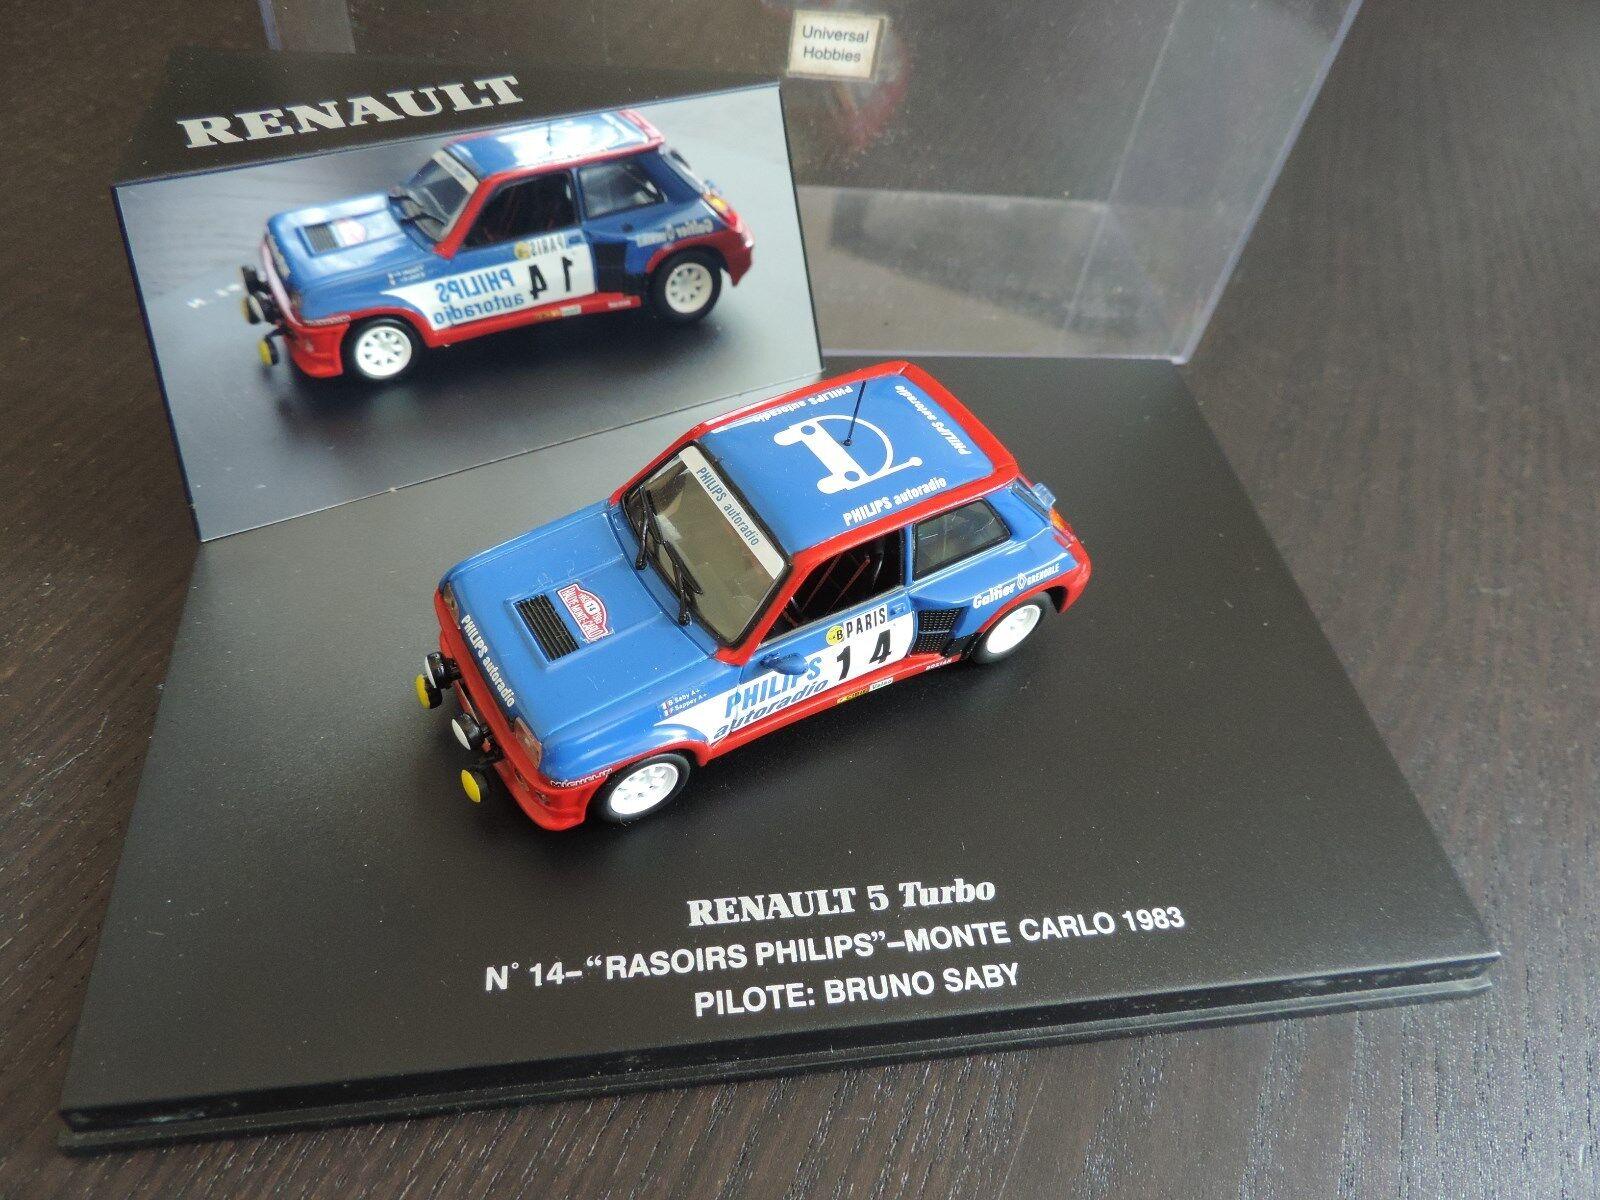 Renault 5 R5 turbo n°14 philips monte carlo 1983 Saby Universal hobbies 1 43